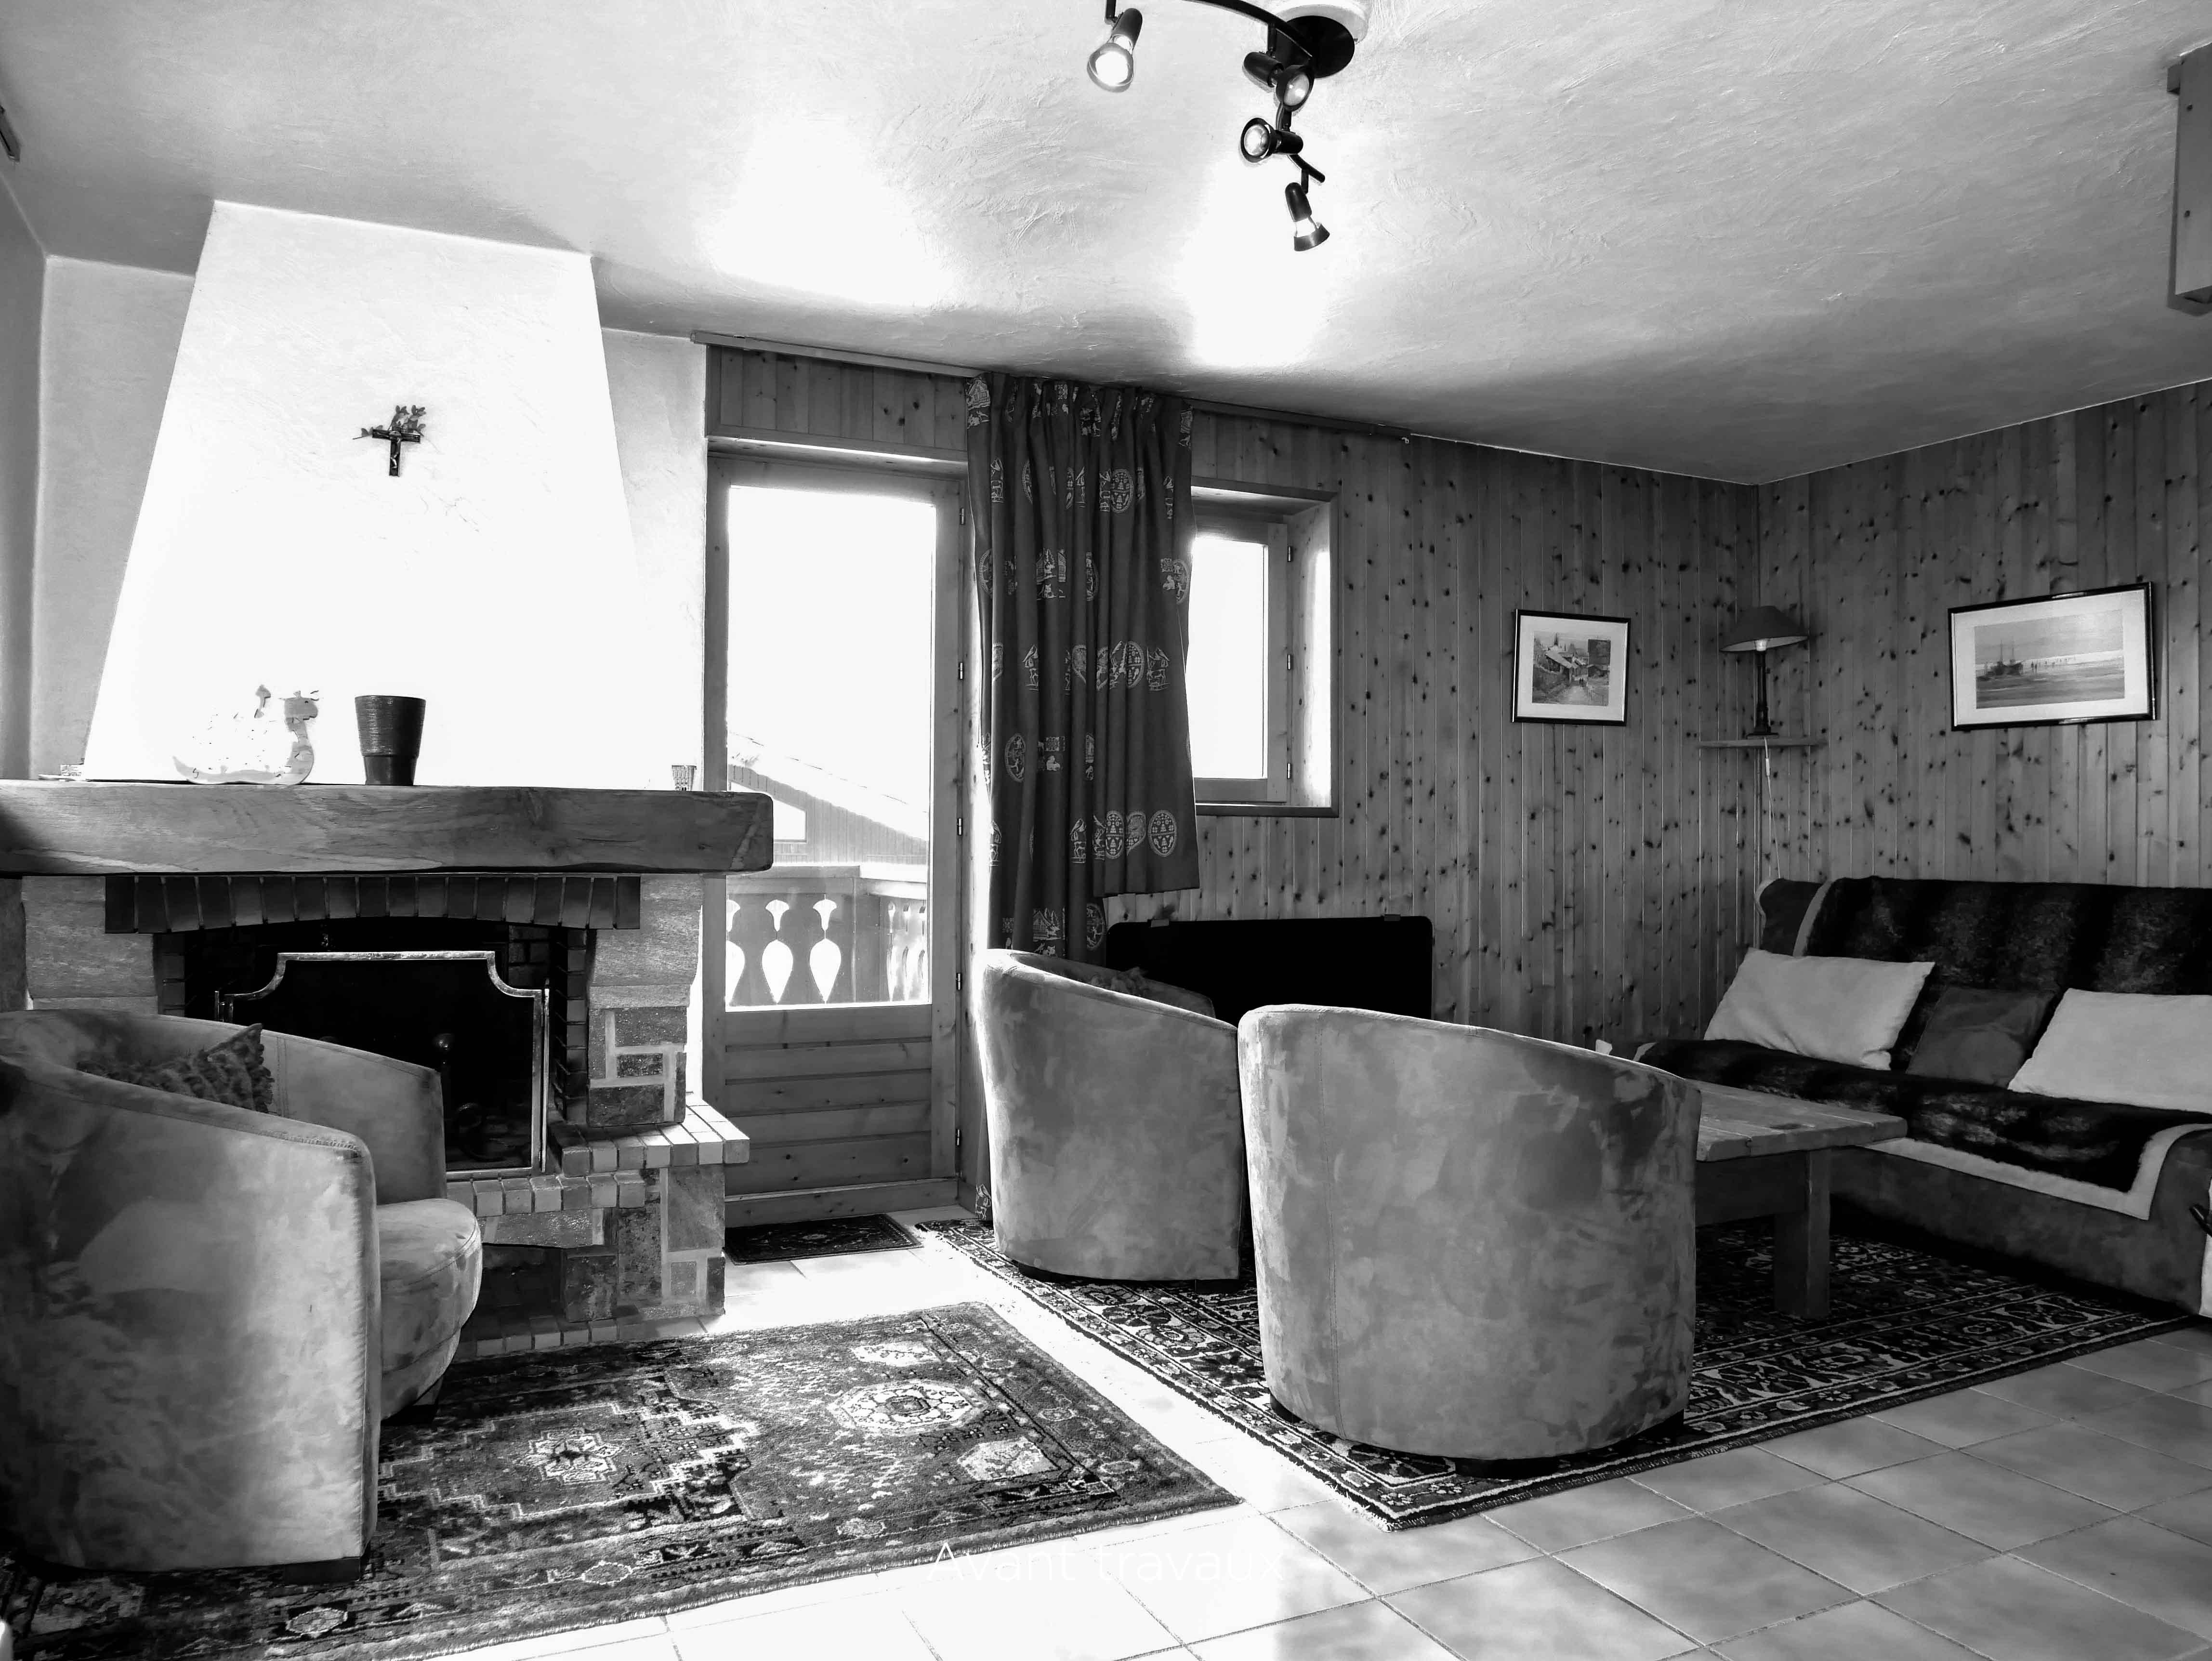 avant-après-travaux-rénovation-appartement-aménagement-interieur-montagne-alpes-courchevel